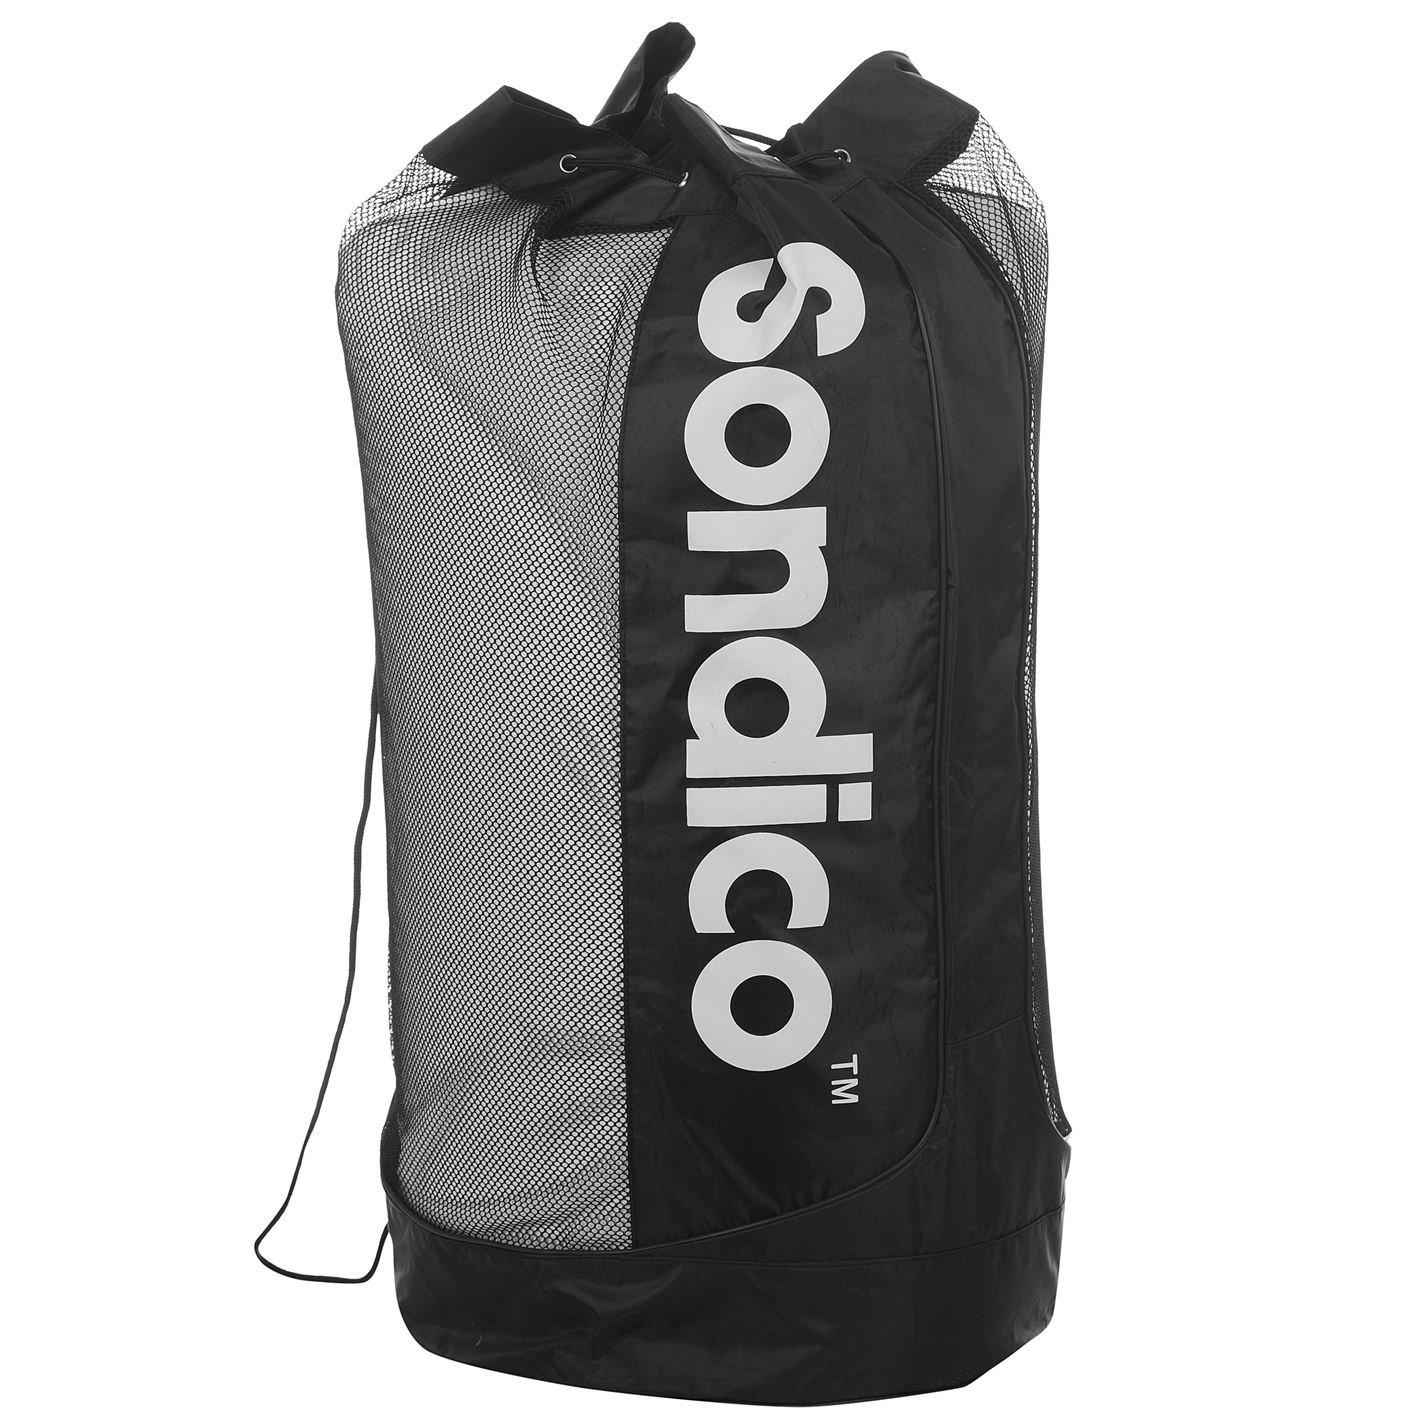 Sondico Balltasche Tasche